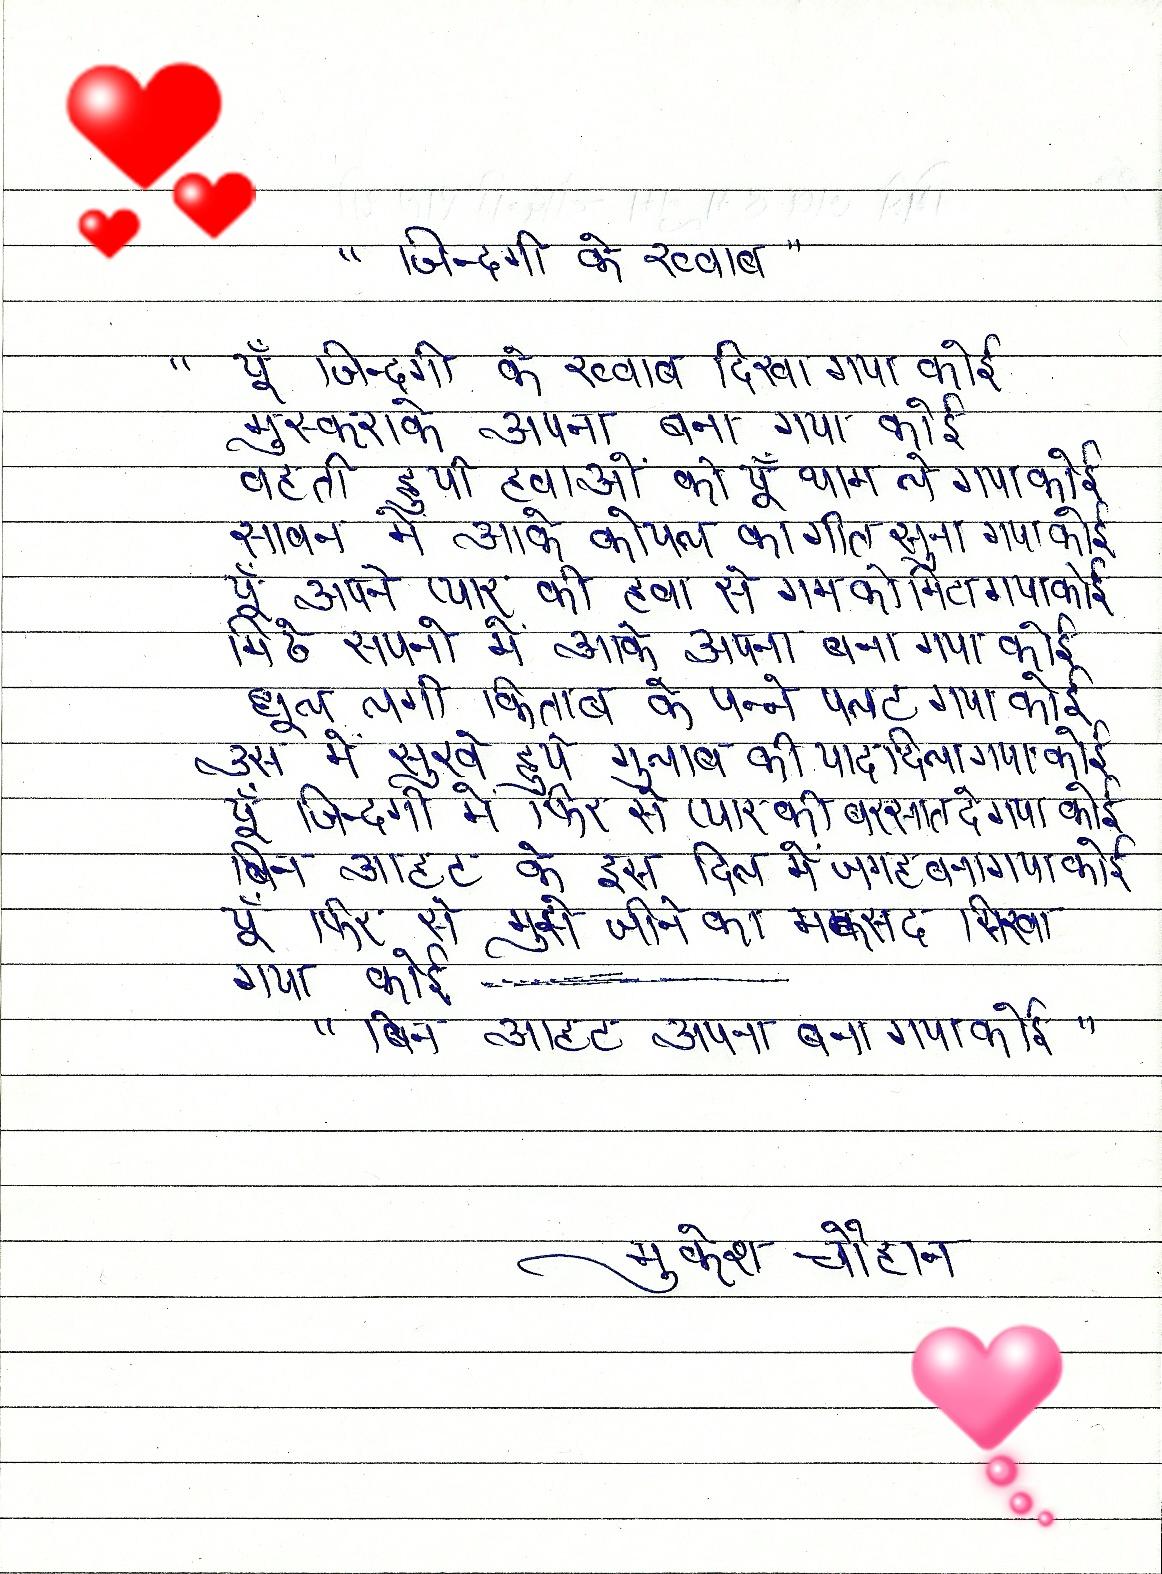 True Love Quotes Love Poems Hindi बहती जहाँ ज्ञान की धारा वो भारत हमें जान से प्यारा सीता राम की धरती है जो ऐसा भारत देश हमारा. true love quotes blogger